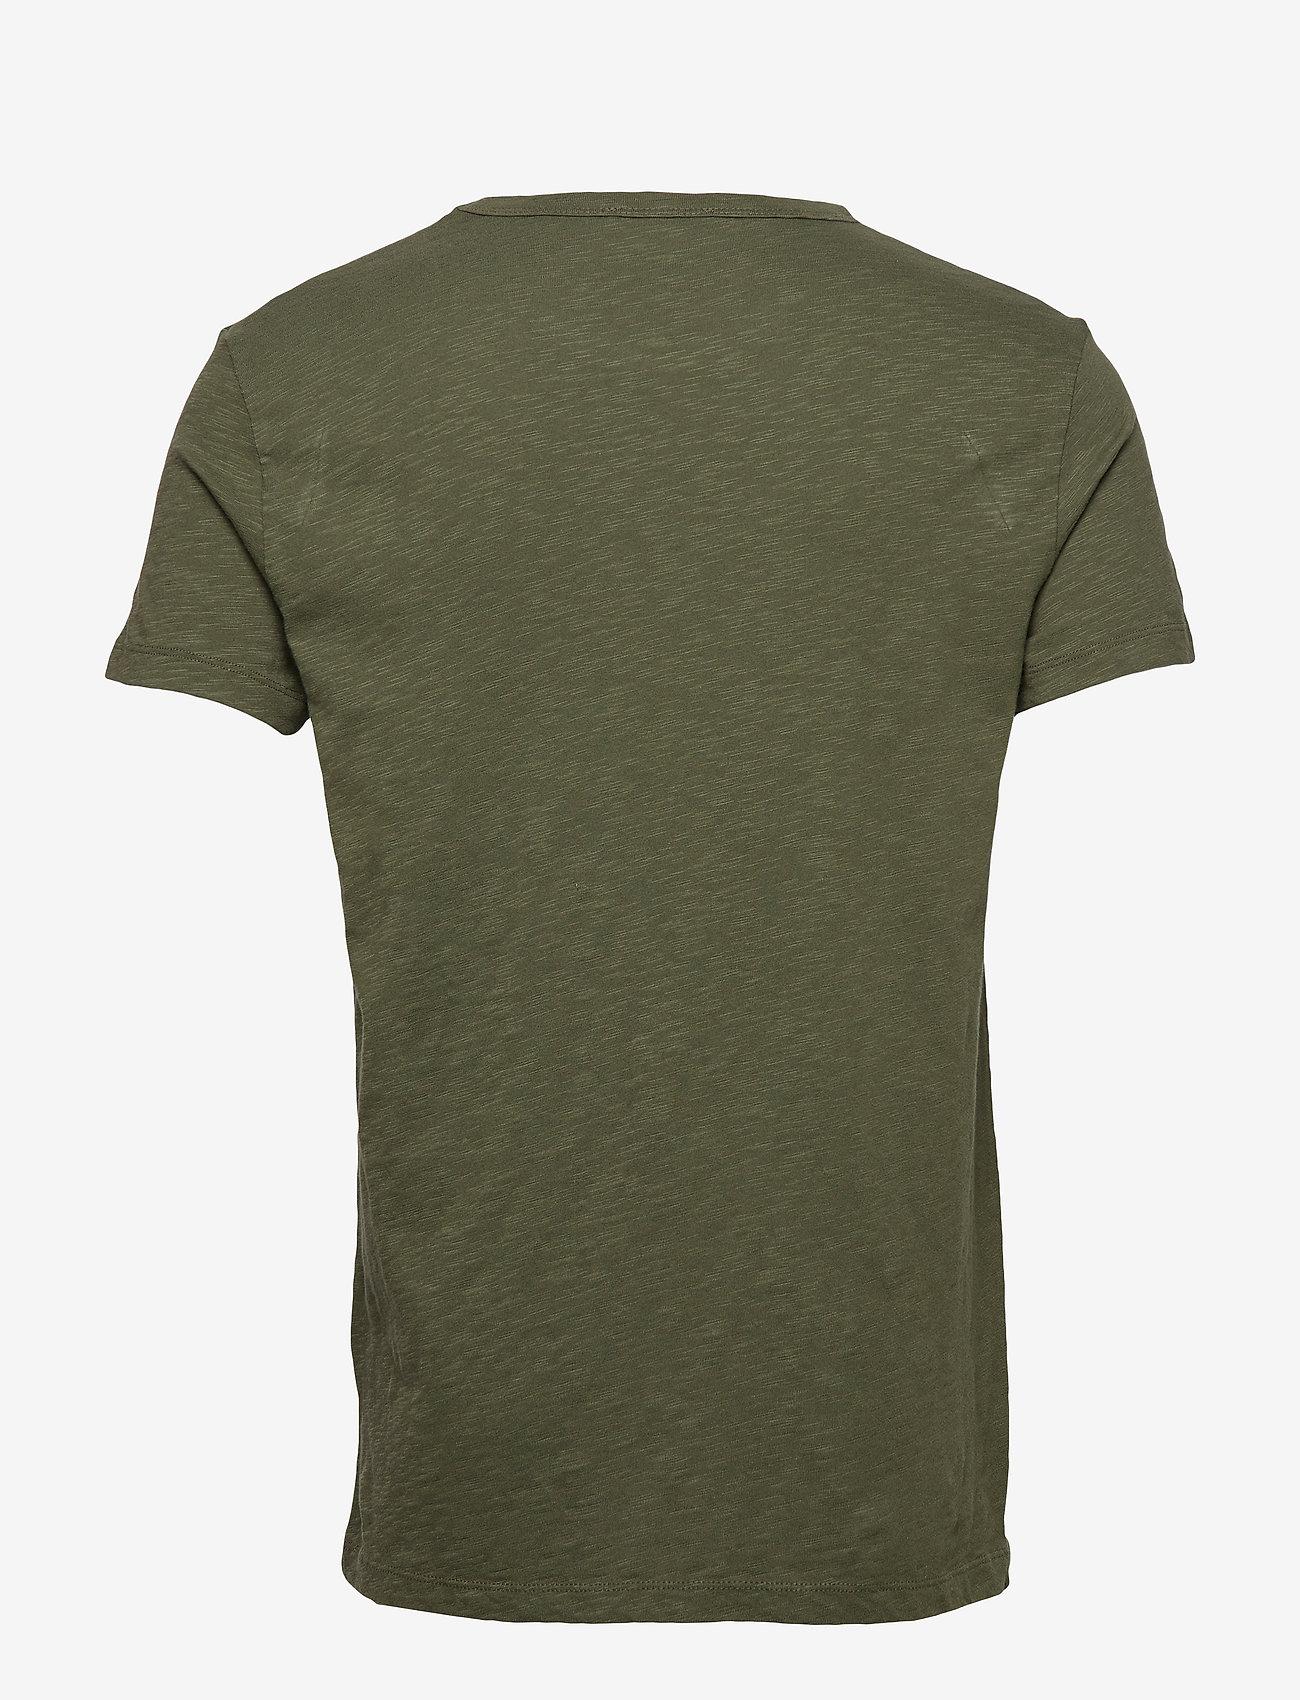 Samsøe Samsøe Lassen o-n ss 2586 - T-skjorter DEEP DEPTHS - Menn Klær